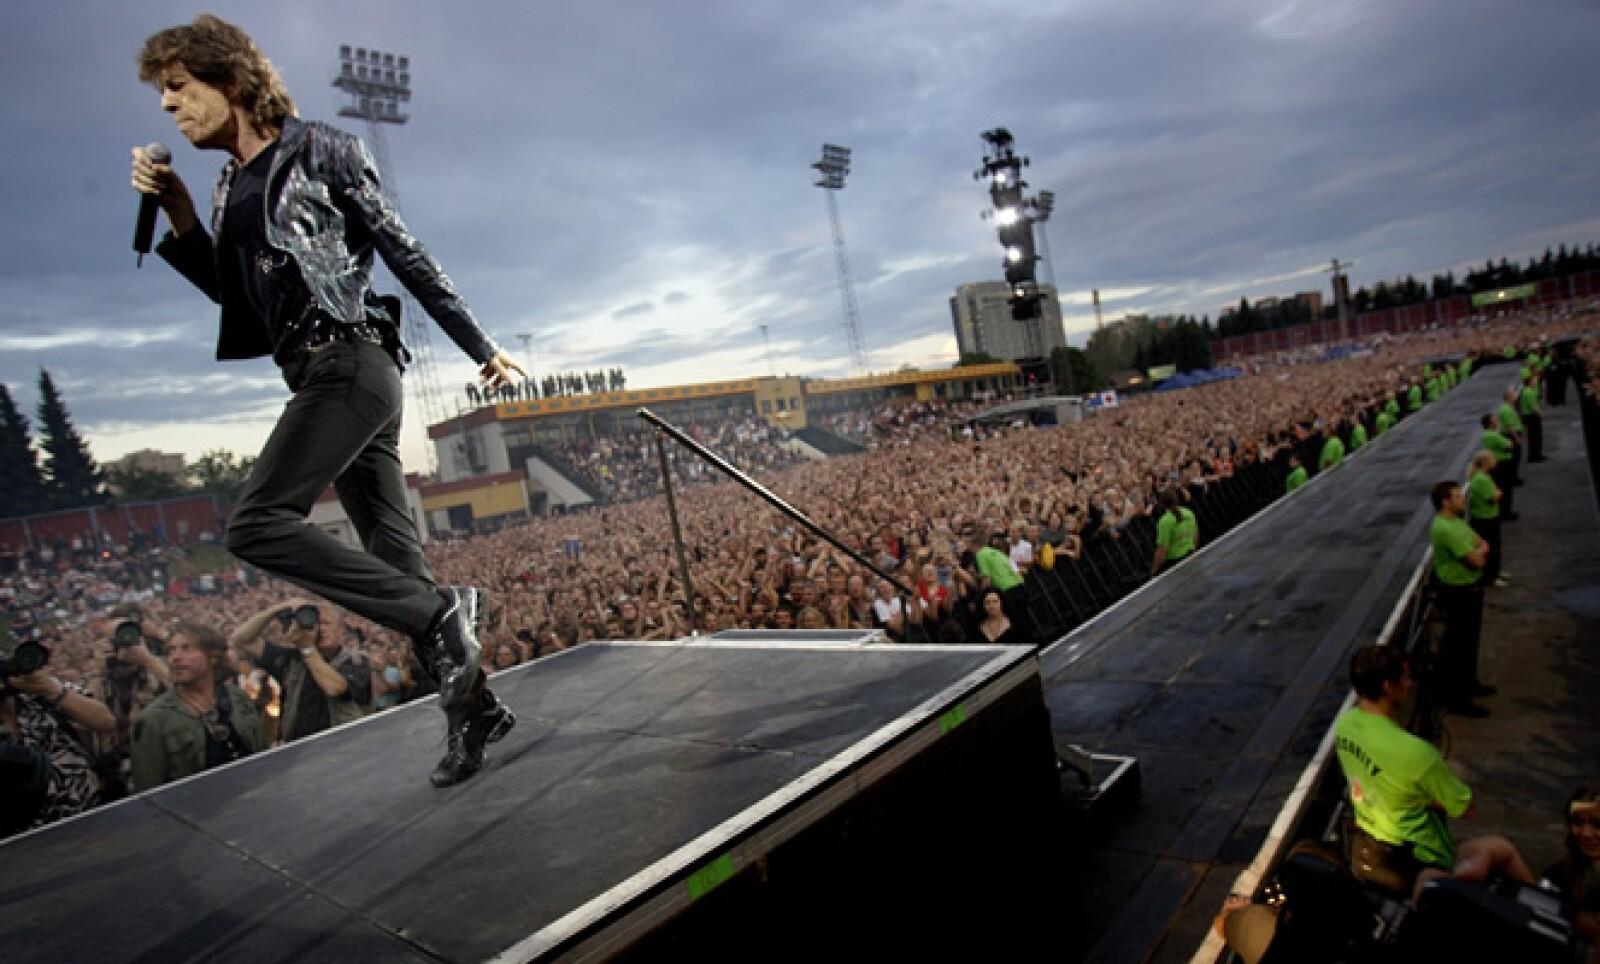 En el escenario Mick Jagger enloquece, baila, canta y derrocha energía. Alterna sesiones de gimnasio con clases de baile.